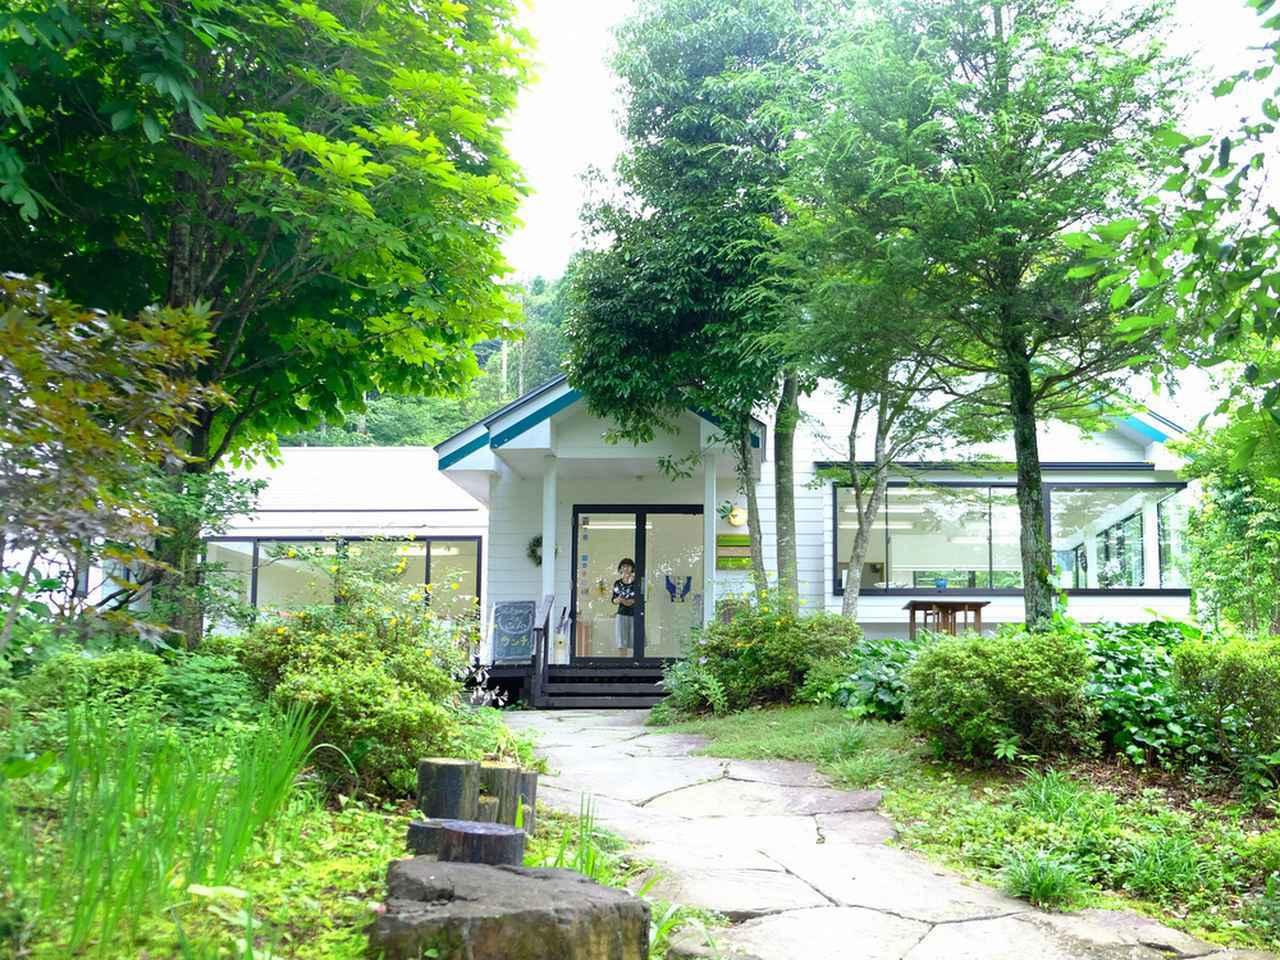 画像: 宮城県出身の鍋田さんはギャラリーを構えるにあたり、秋保の地を選びました。秋保大滝からすぐ近くという立地で、観光がてら立ち寄るお客さんも多いとのこと。木々に囲まれた美しい工房です。